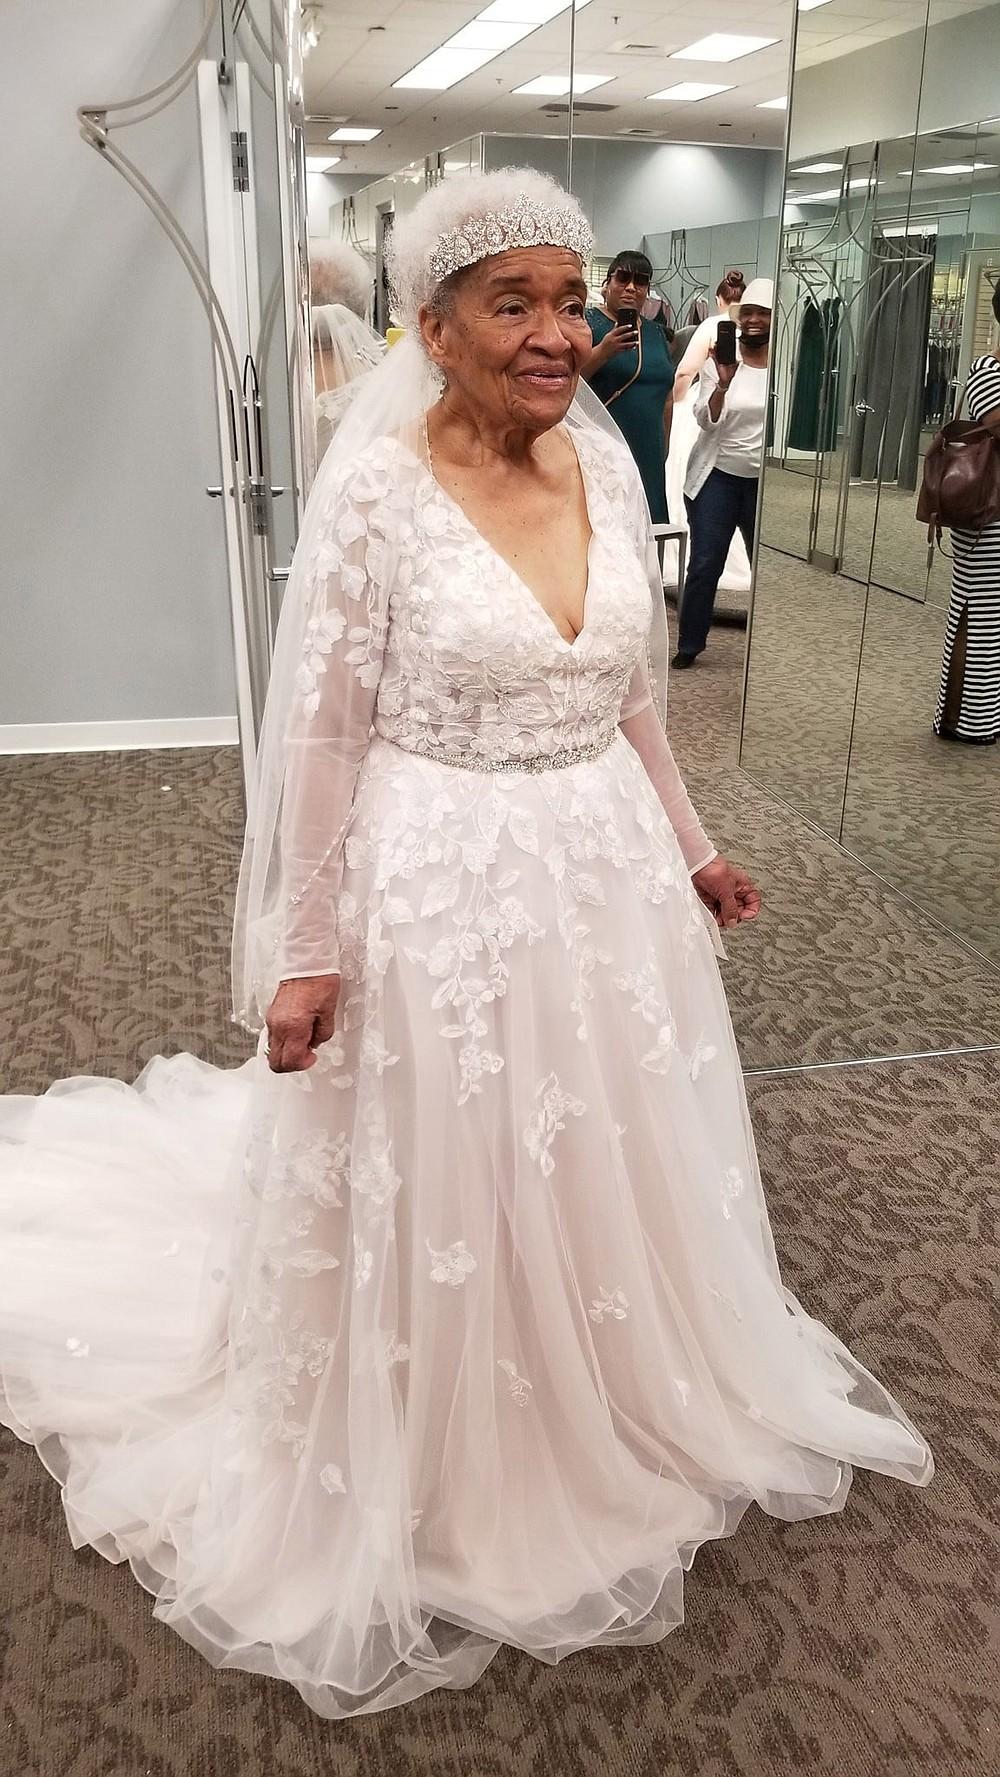 Martha Tucker, 94, wearing her dream wedding gown. MUST CREDIT: Angela Strozier.